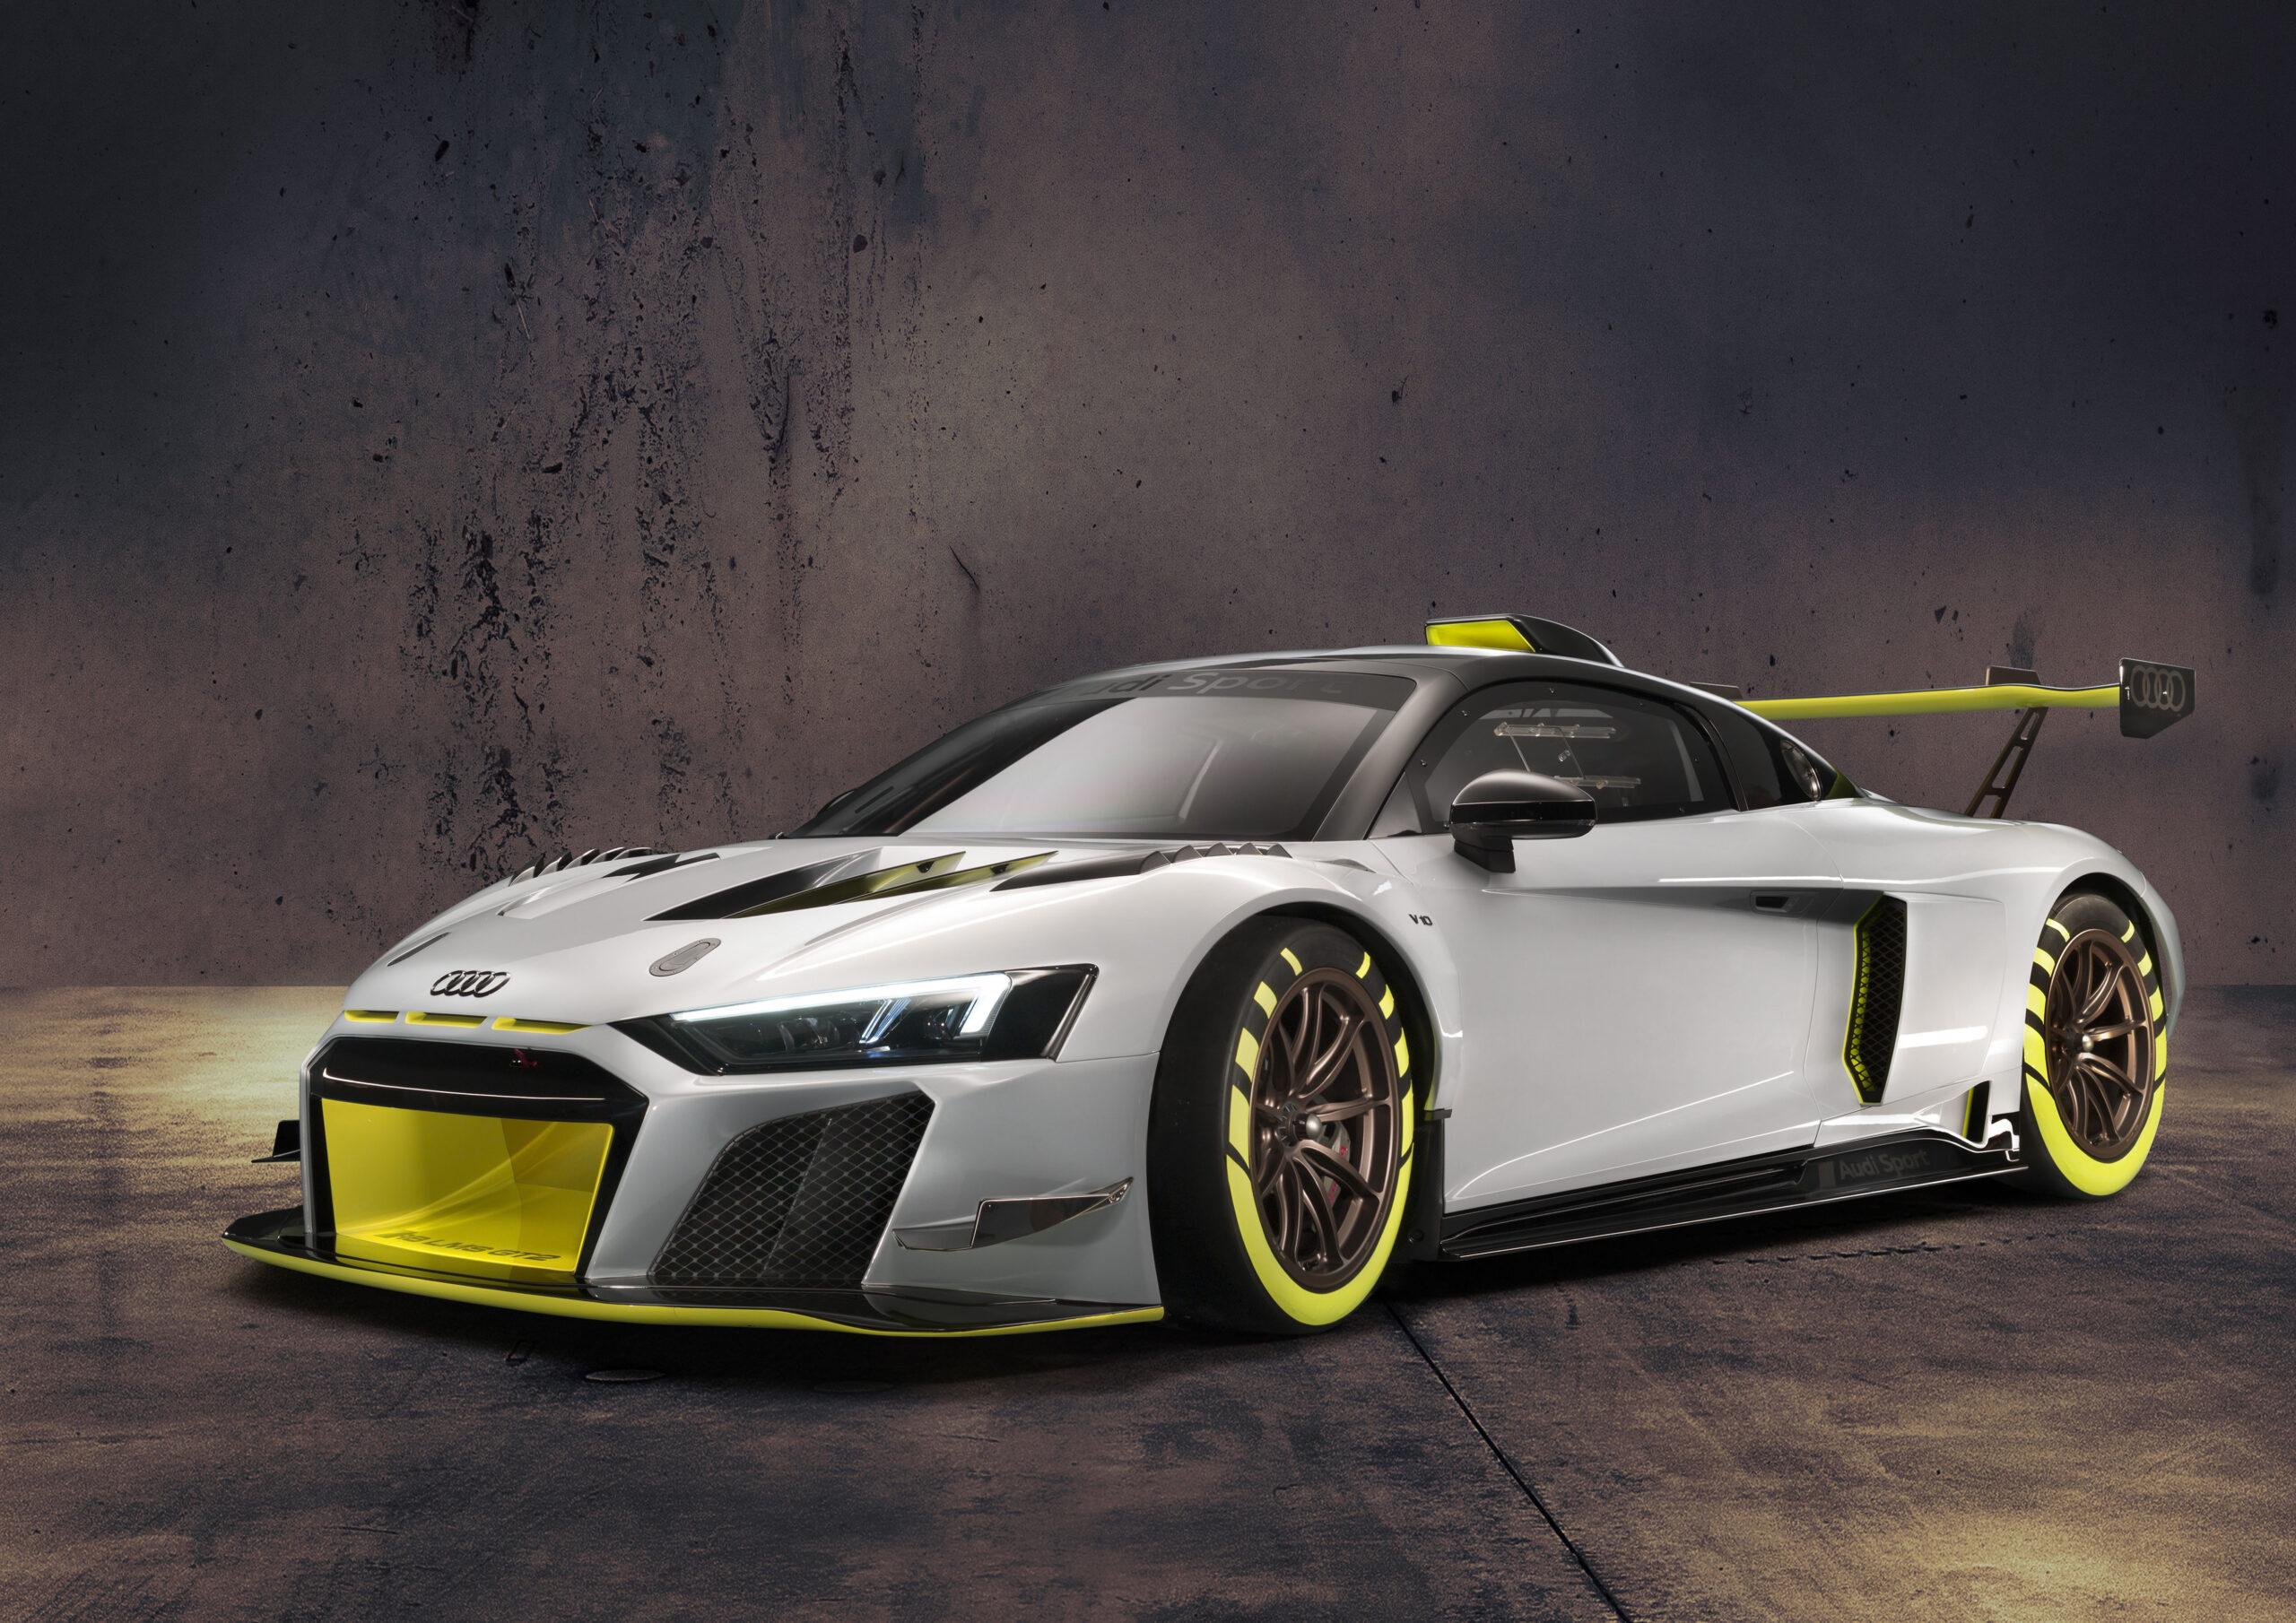 Audi R8 LMS klasy GT2